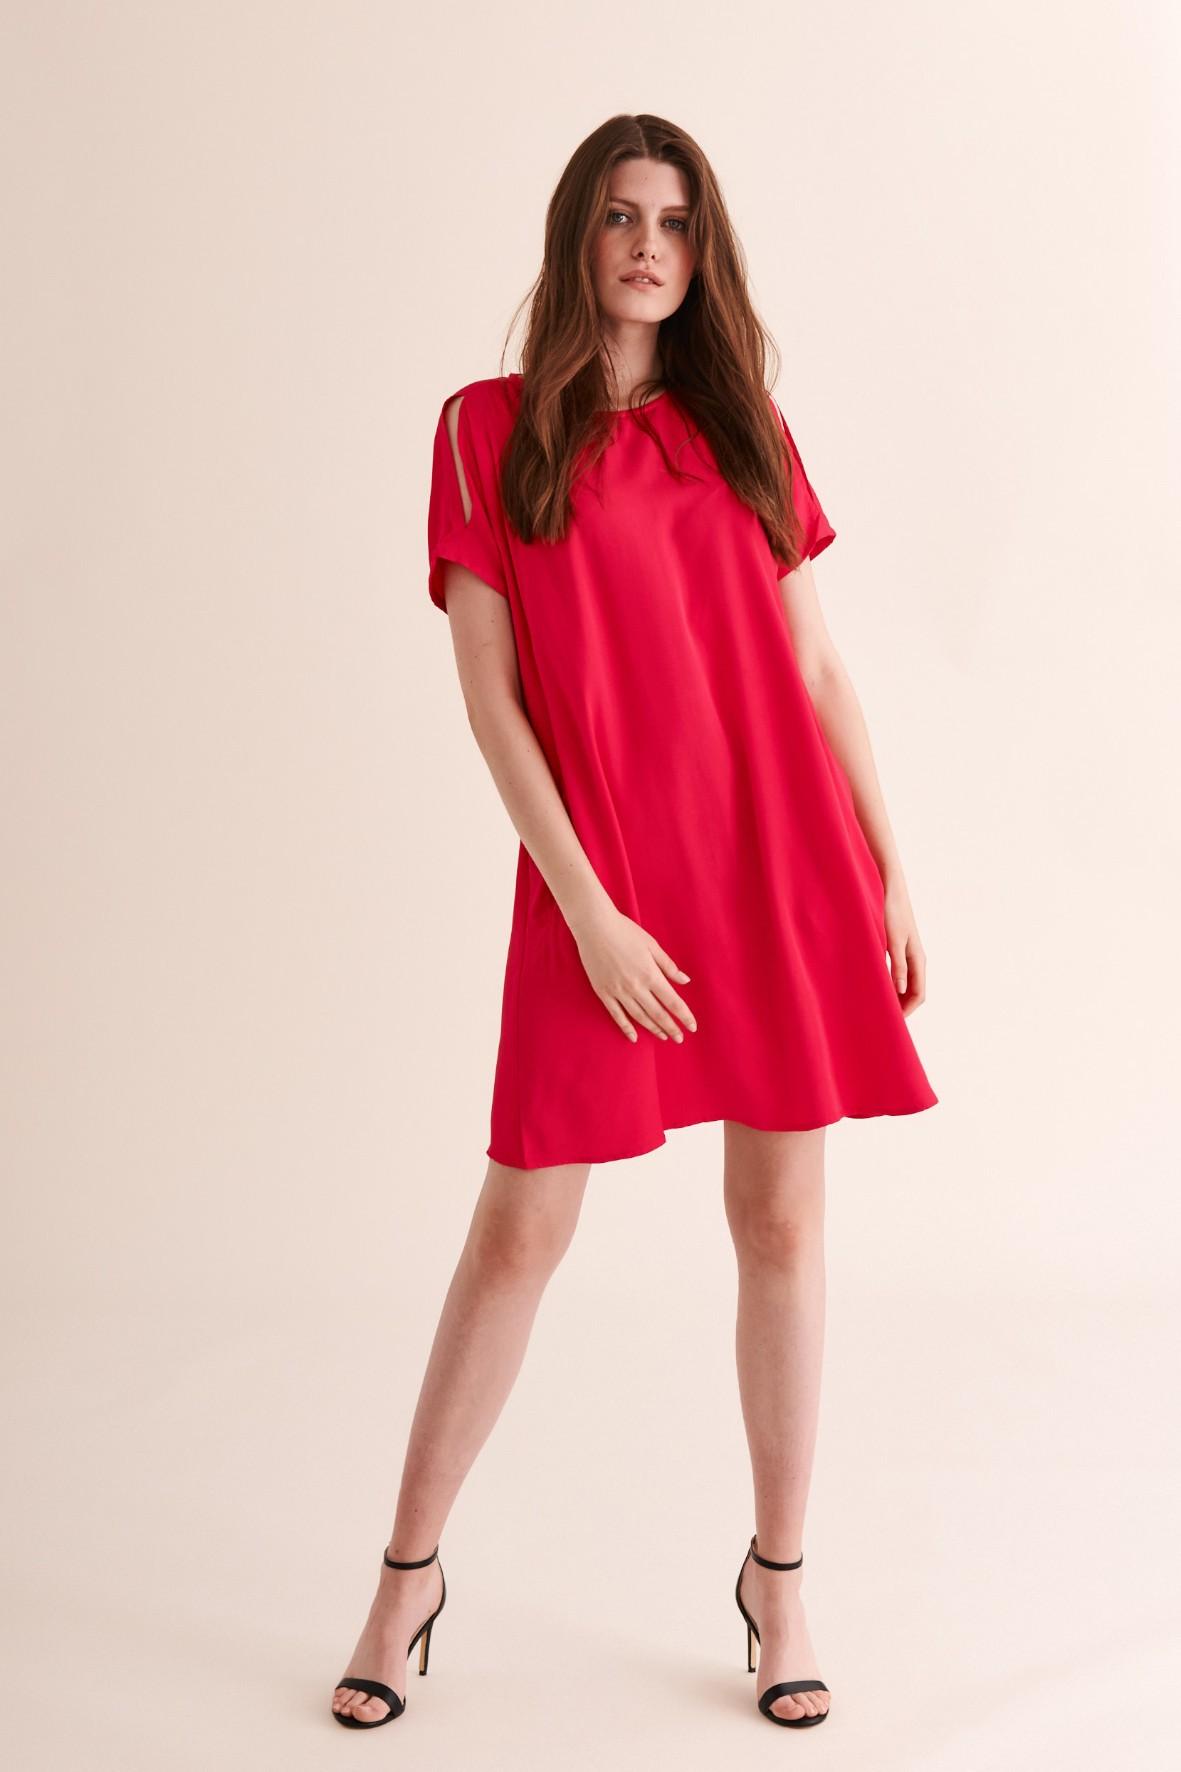 Sukienka czerwona luźna z wycięciami na ramionach